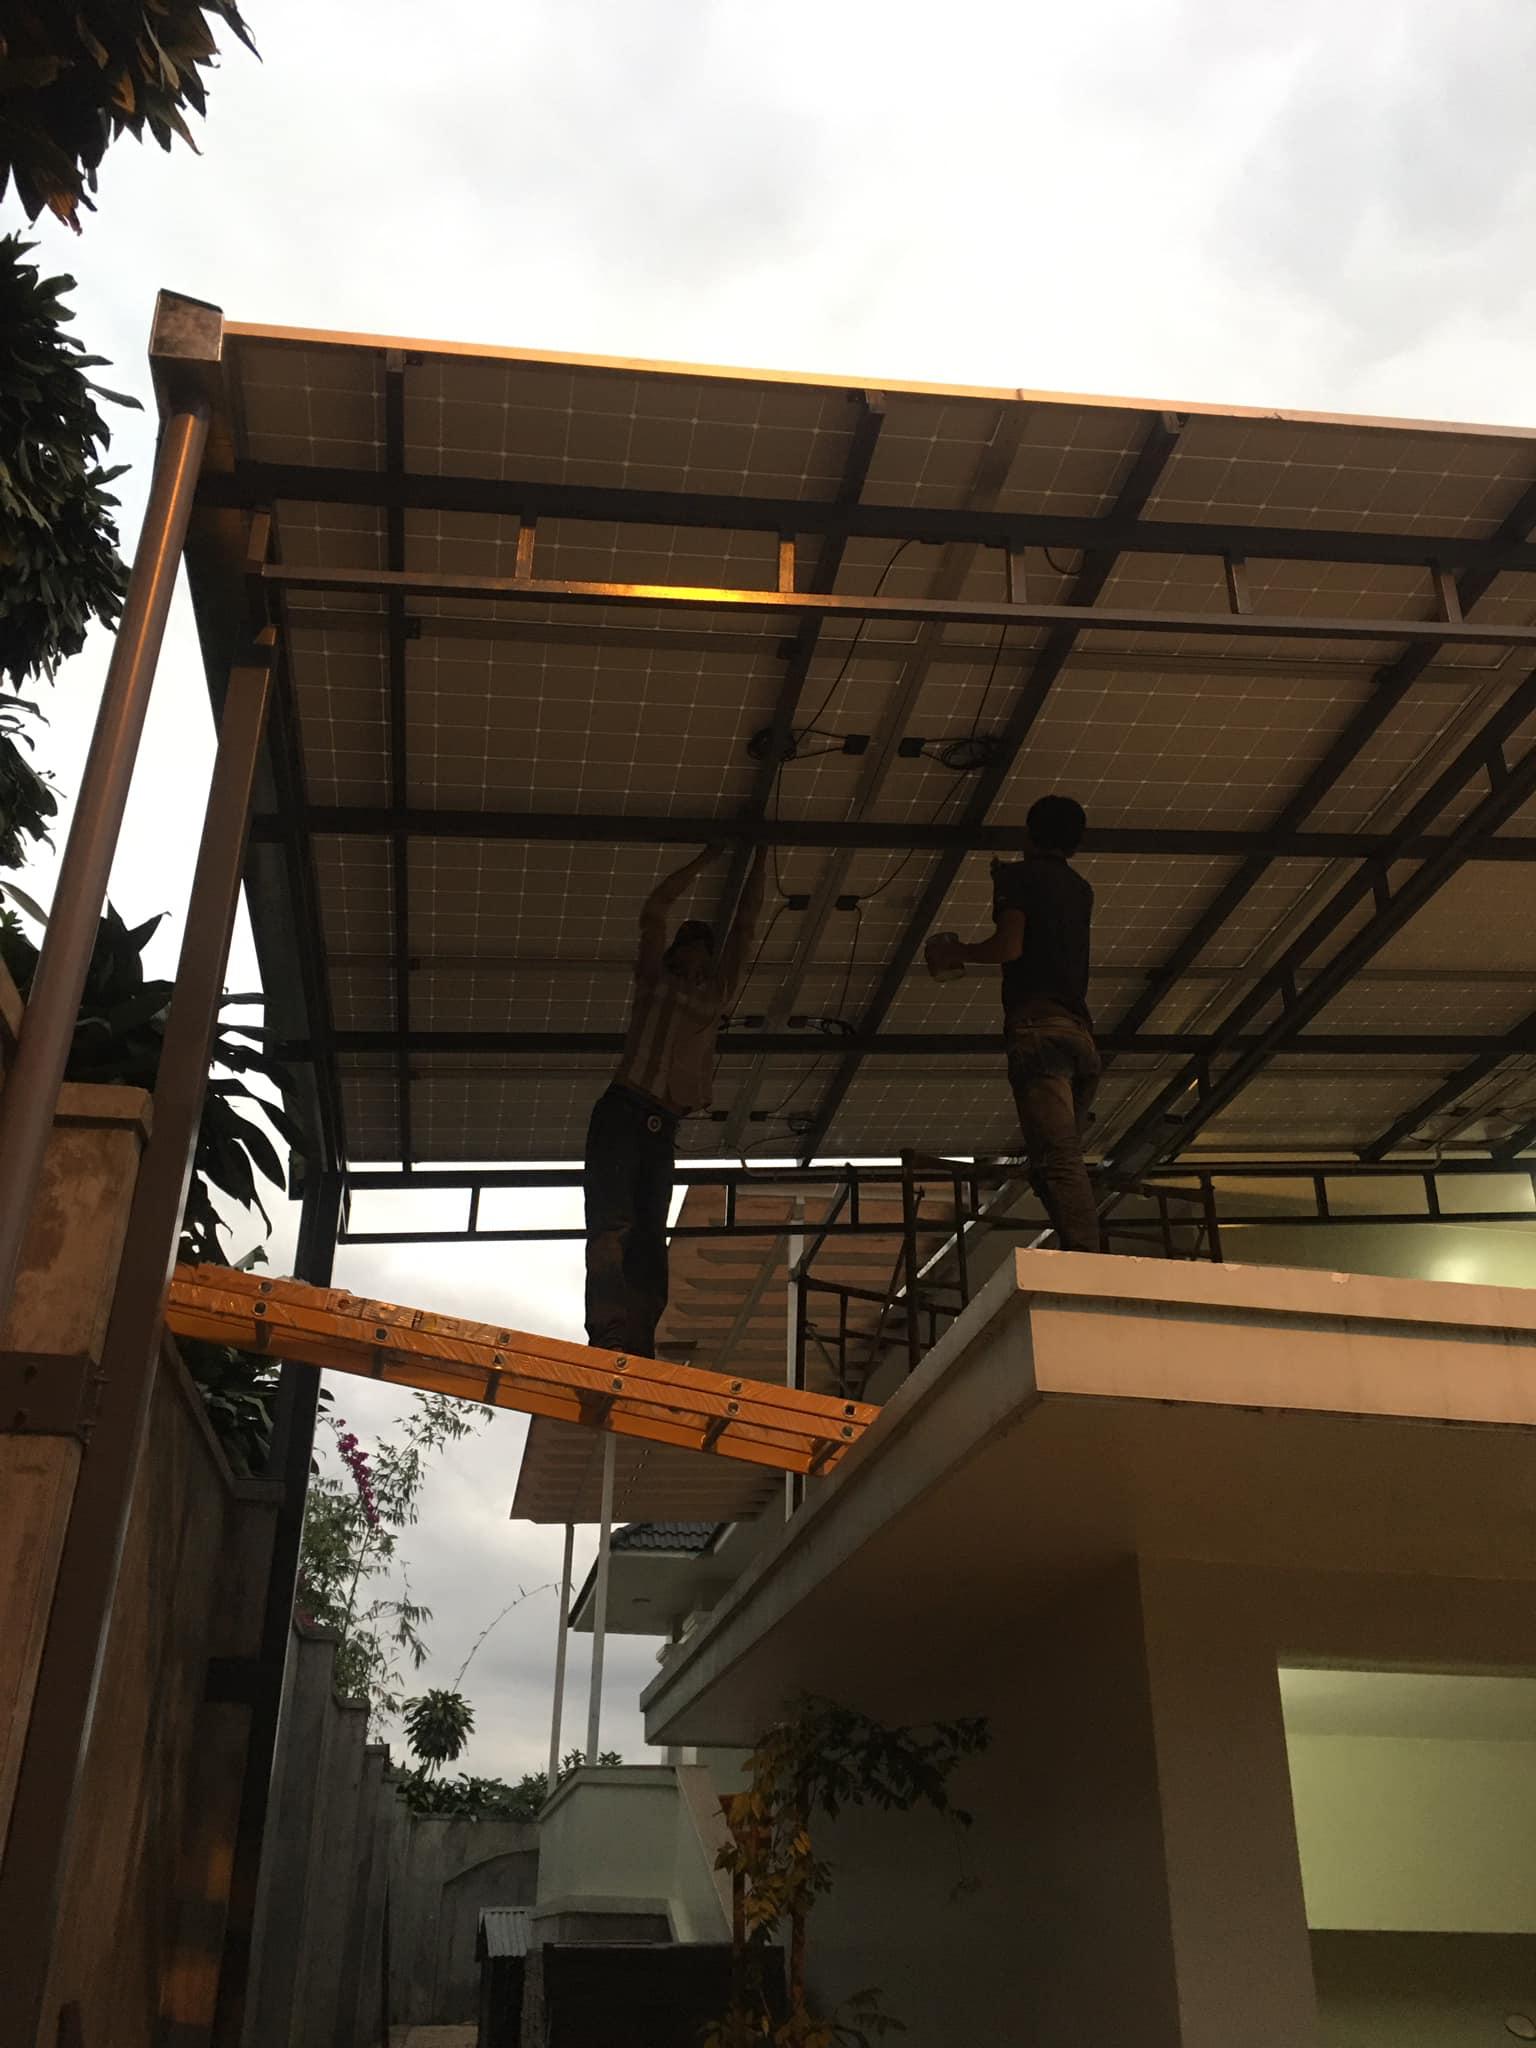 Đội khoảng lắp pin năng lượng mặt trời chuyên nghiệp tại Đà Nẵng